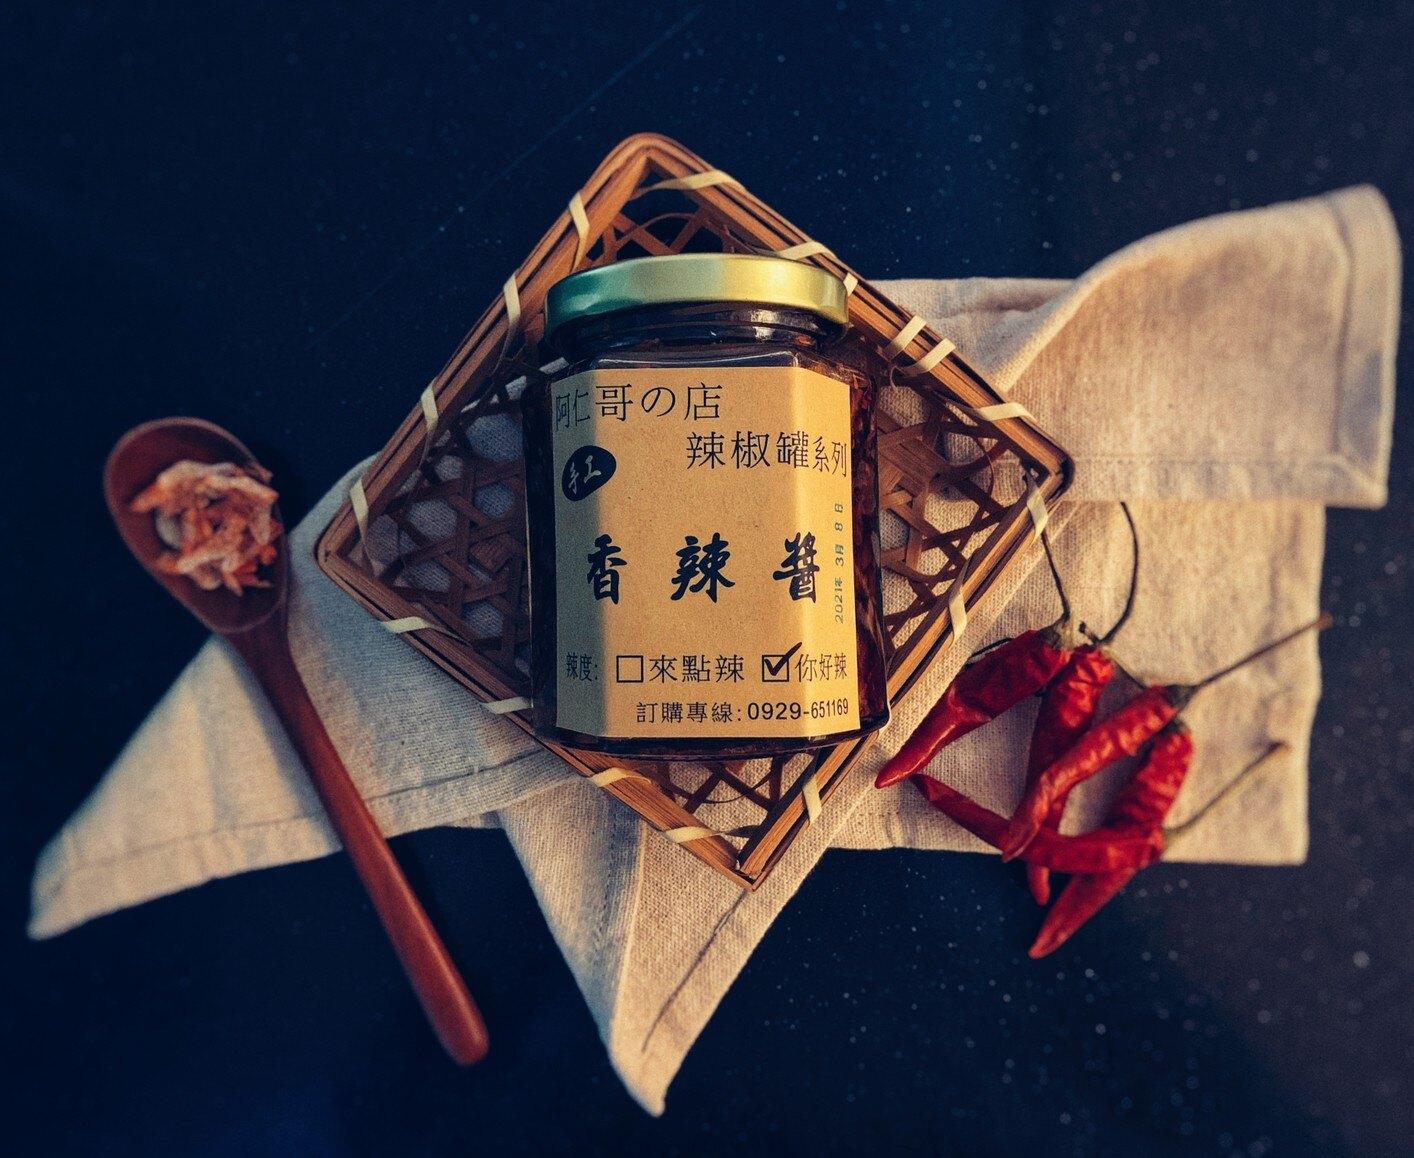 秘製手工~香辣干貝醬 280ml  來點辣(小辣) (XO醬/海鮮醬/辣椒醬/調味醬/拌醬/沾醬)